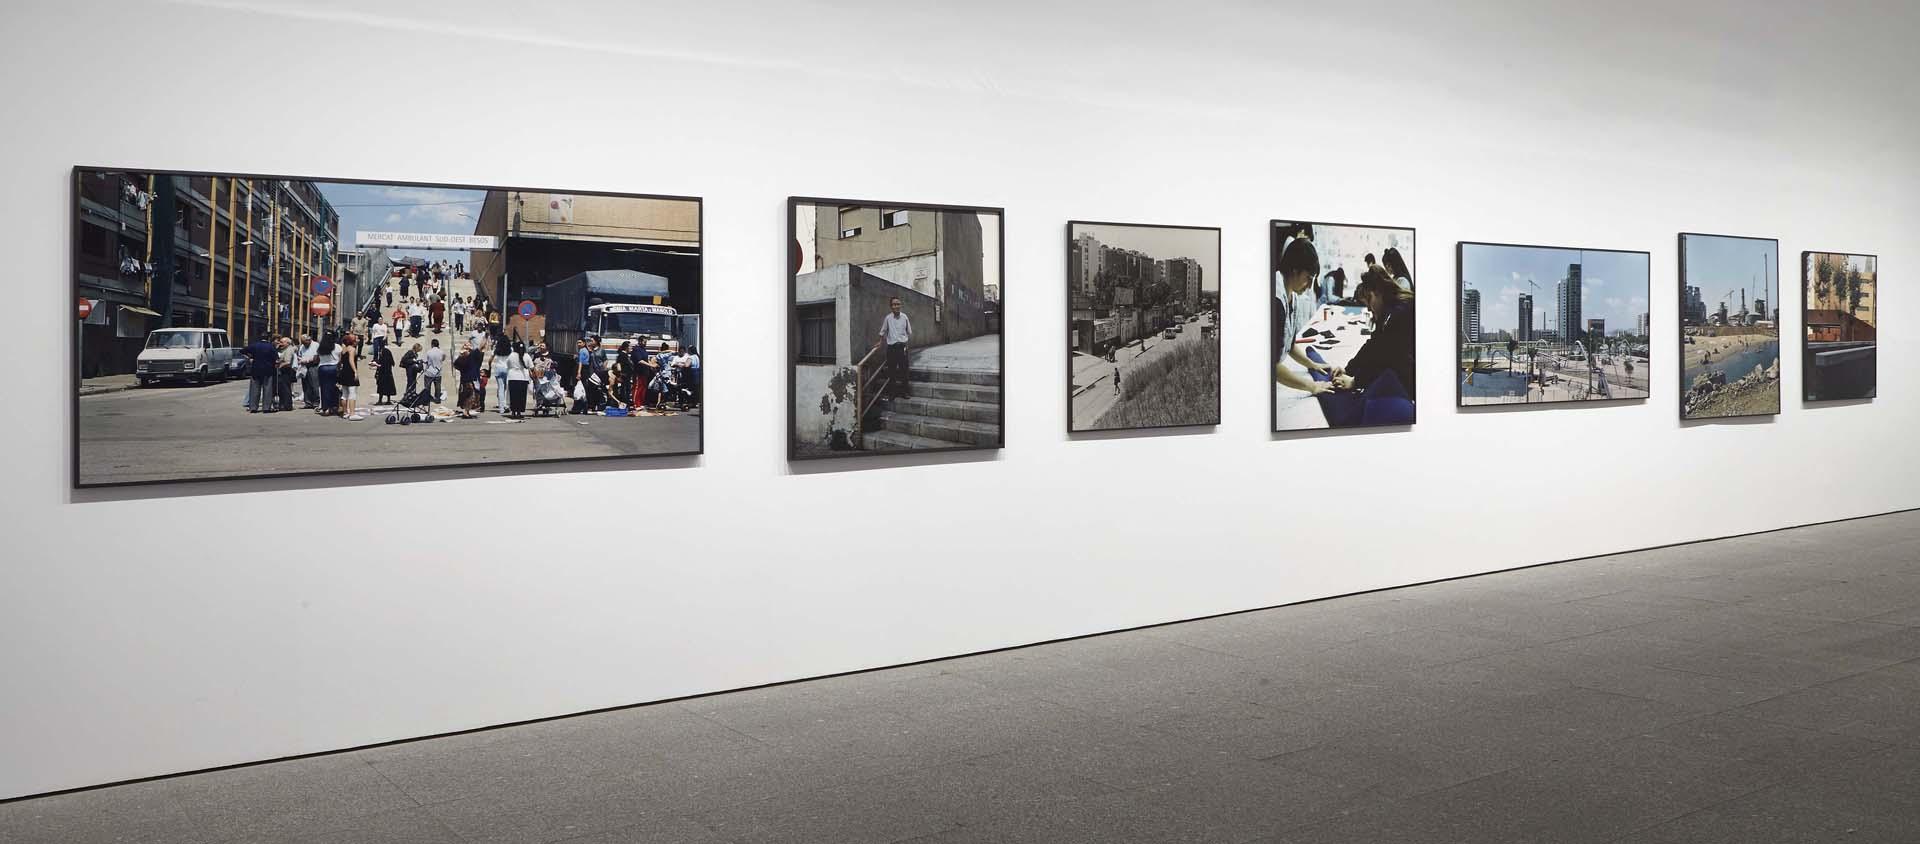 Exposición ficciones y territorios – Arte para pensar la nueva razón del mundo. Vista de salas con obras de Patrick Feigenbaum – Museo Nacional Reina Sofía, 2016